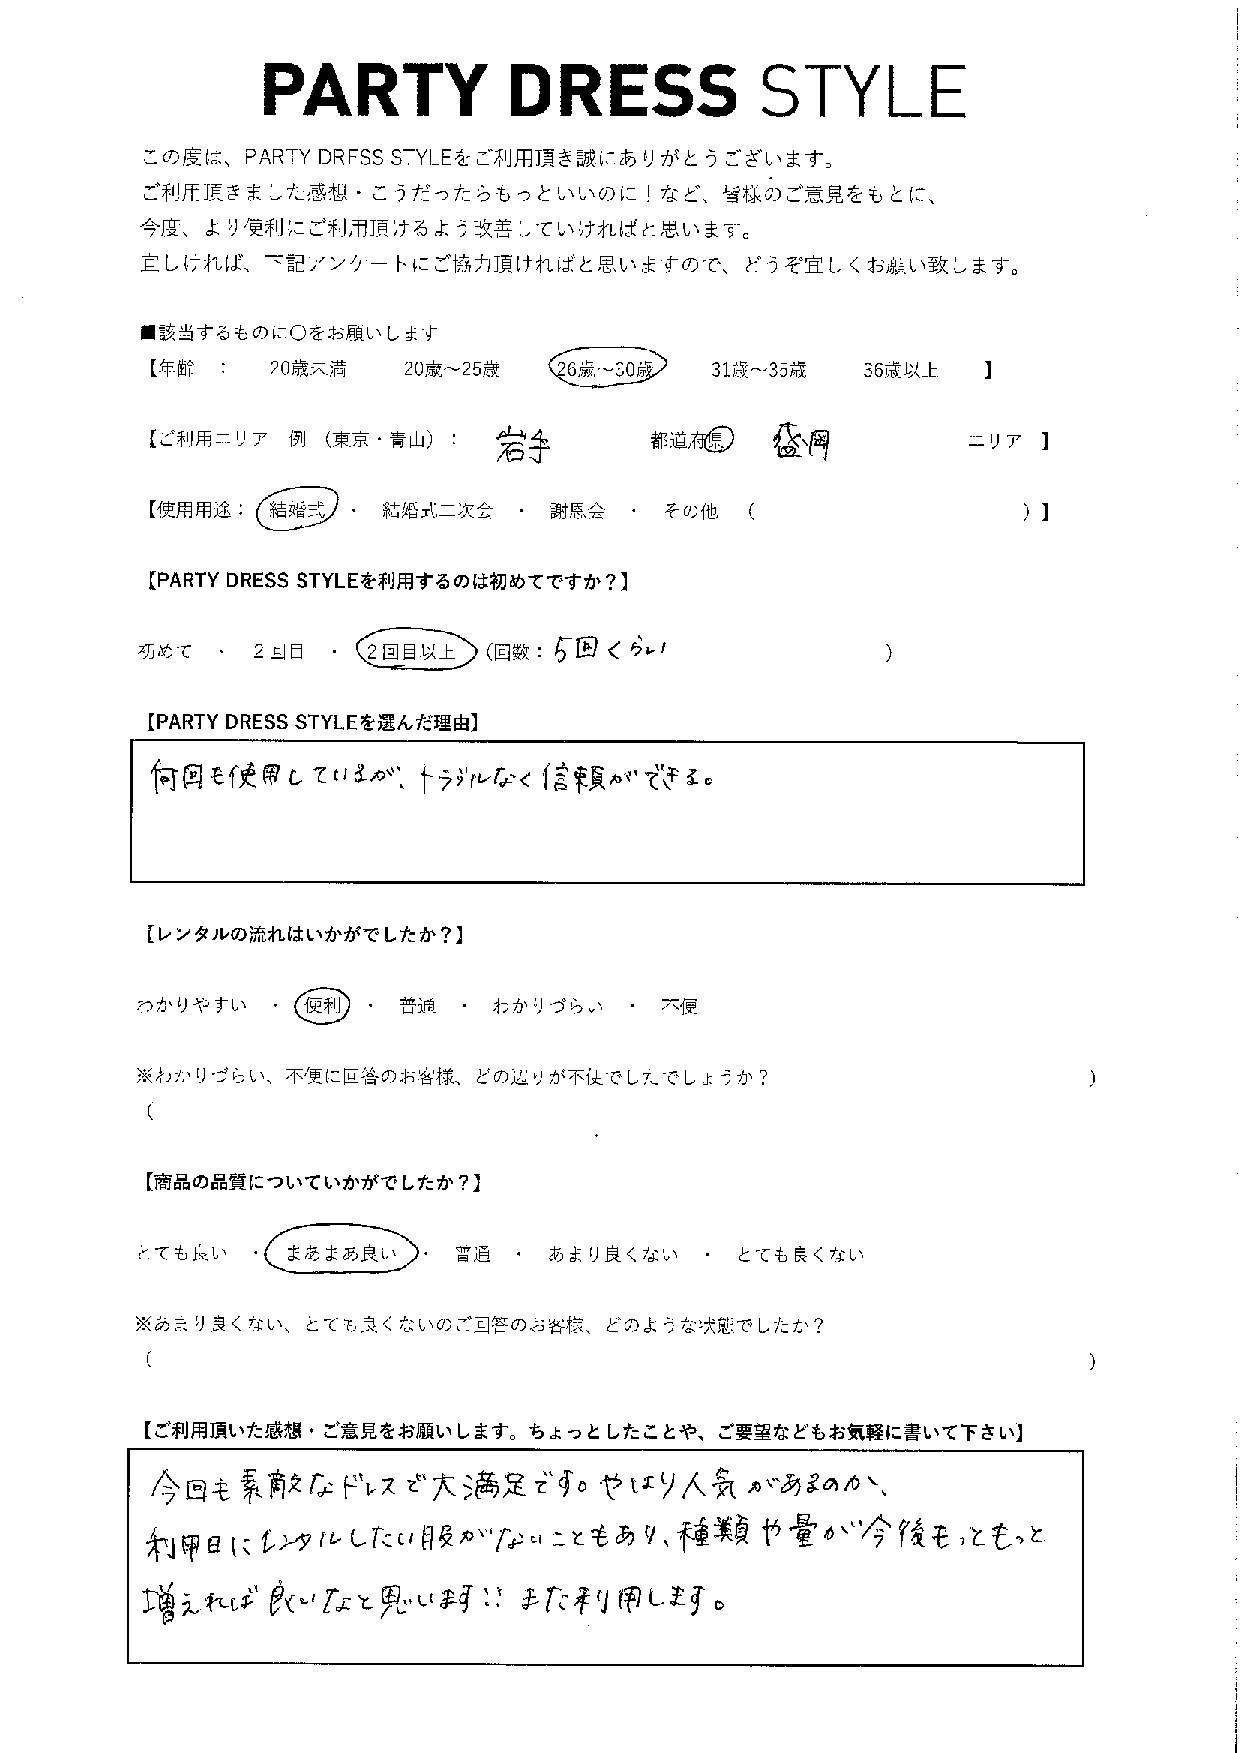 11/9結婚式ご利用 岩手・盛岡エリア